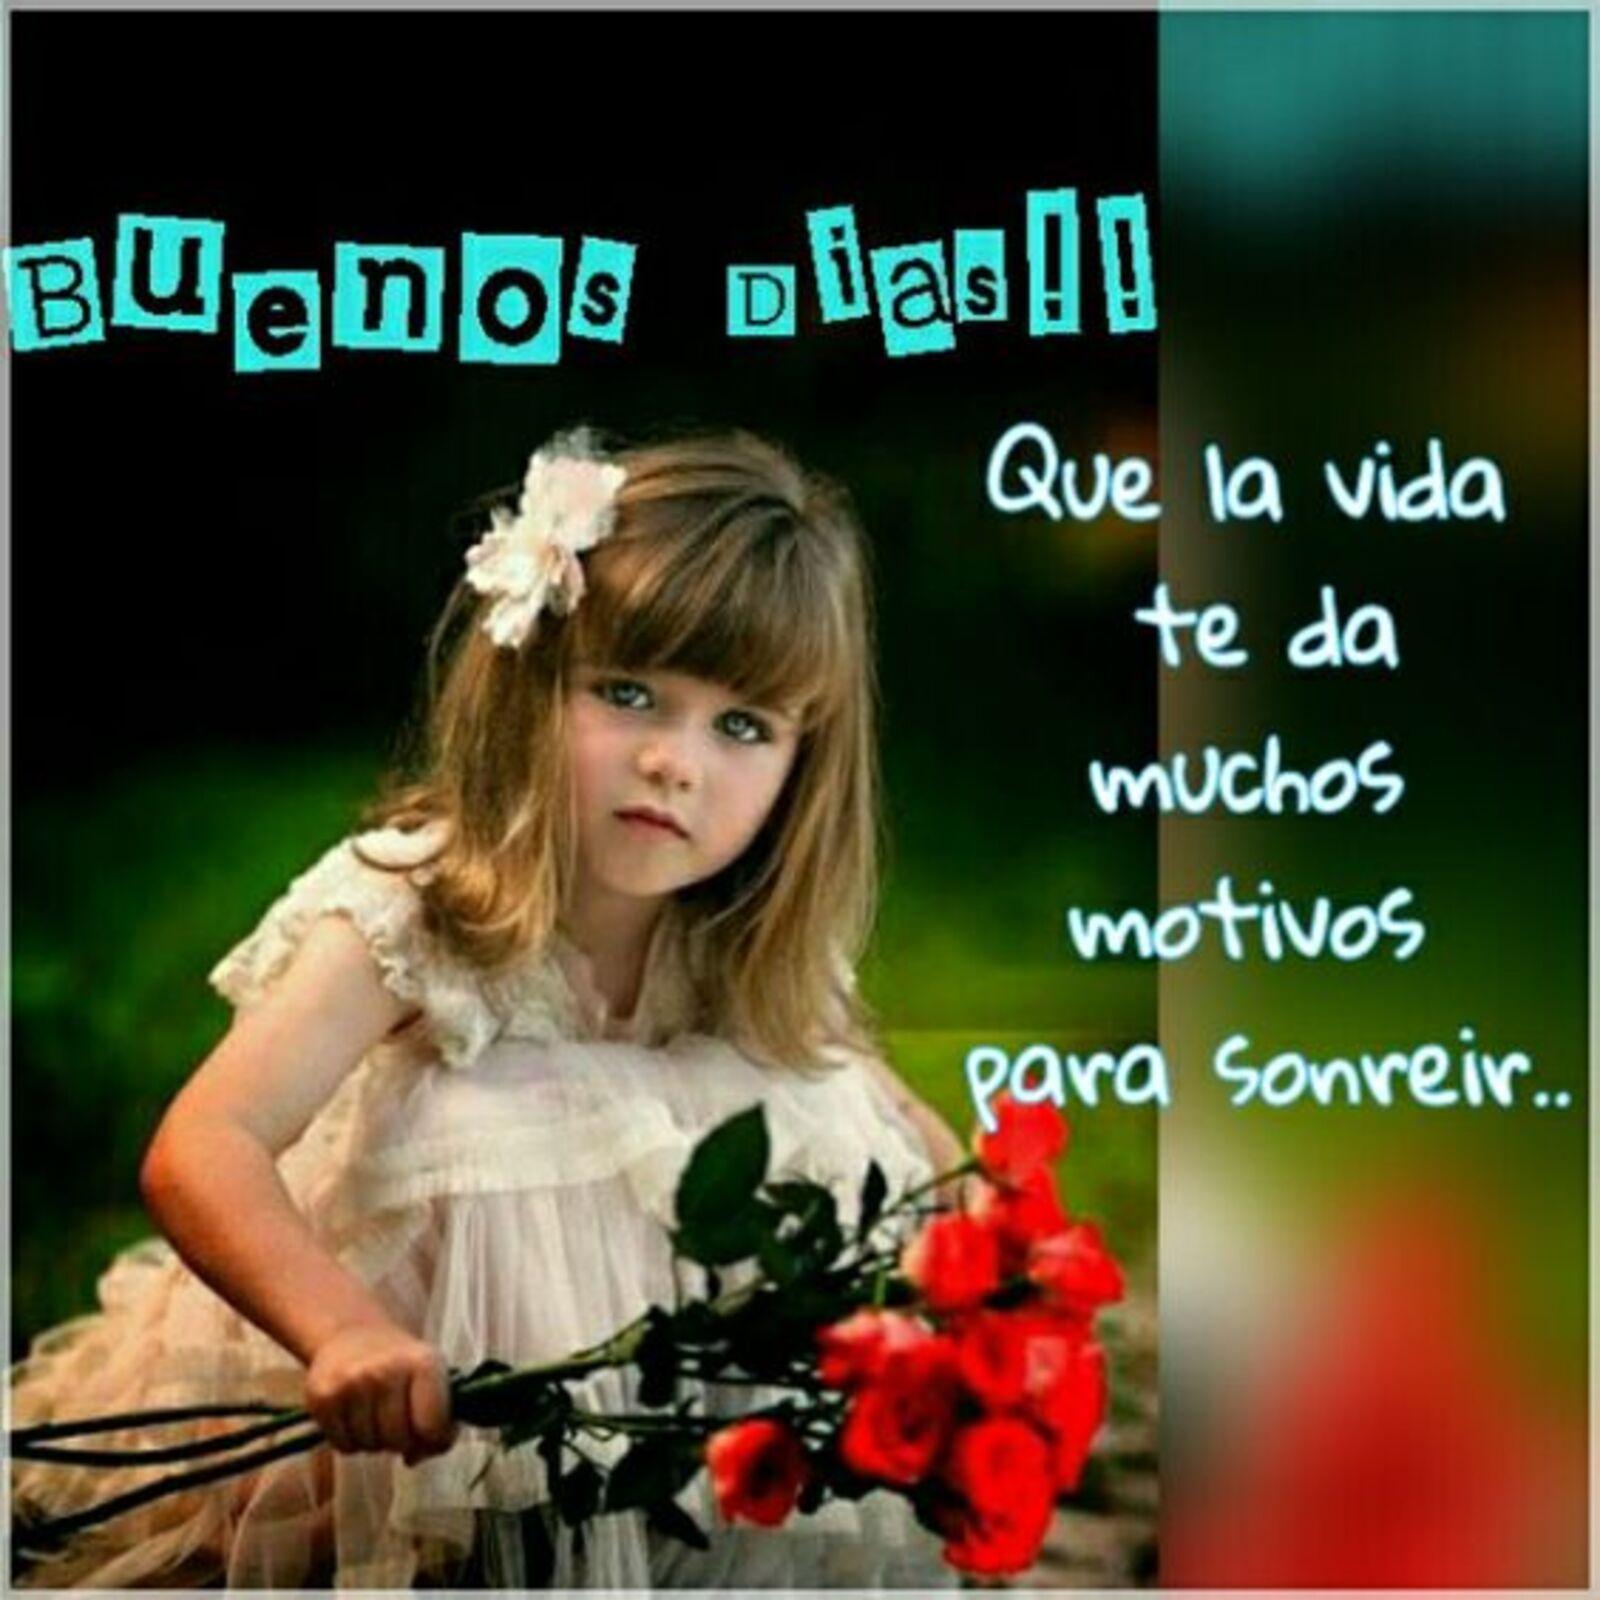 Buenos días!! que la vida te da muchos motivos para sonreir